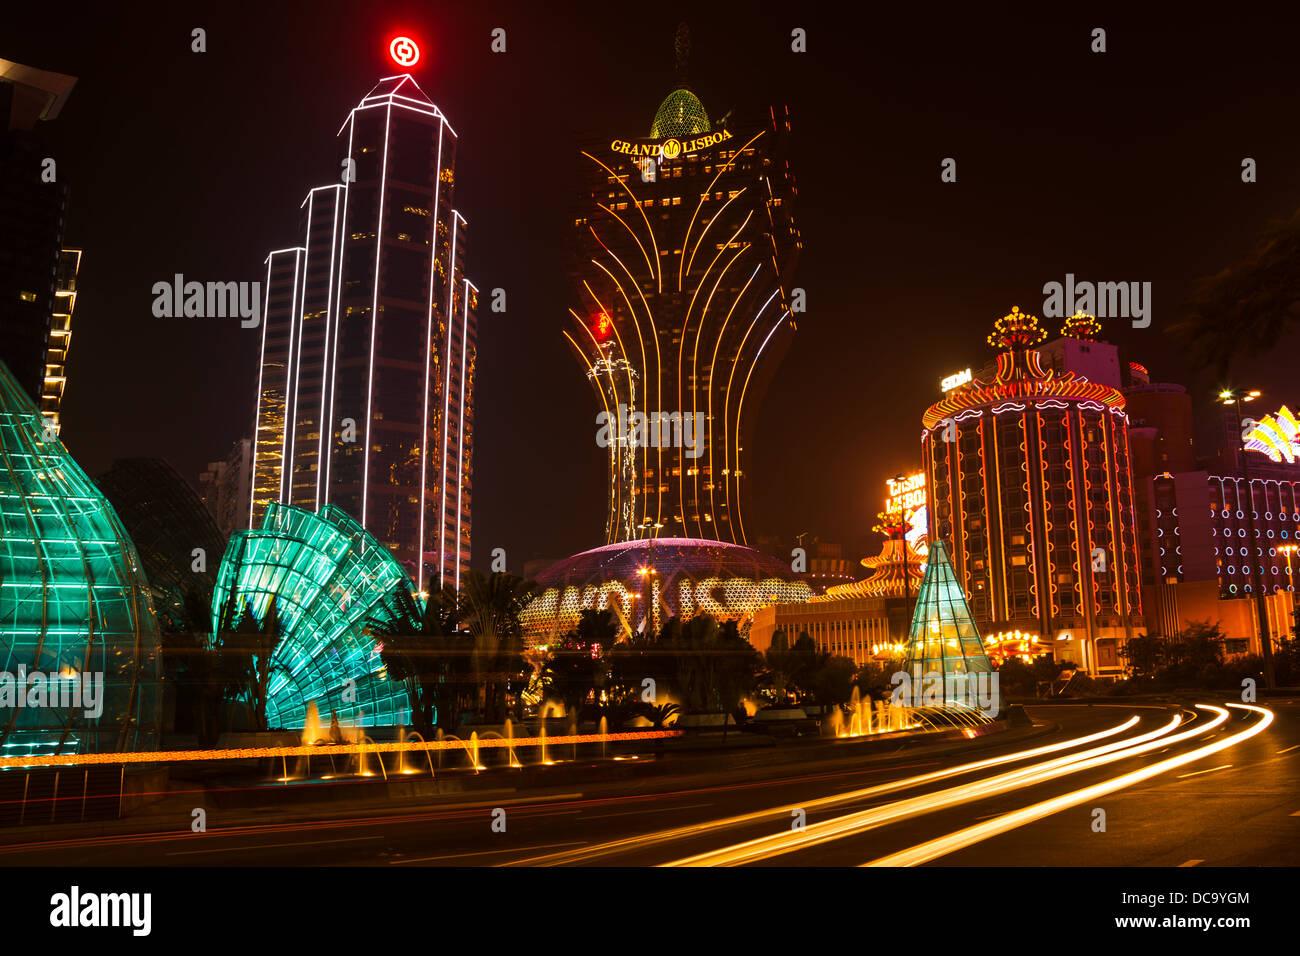 Vista notturna del Grand Lisboa casinò di Macau, Cina. Immagini Stock